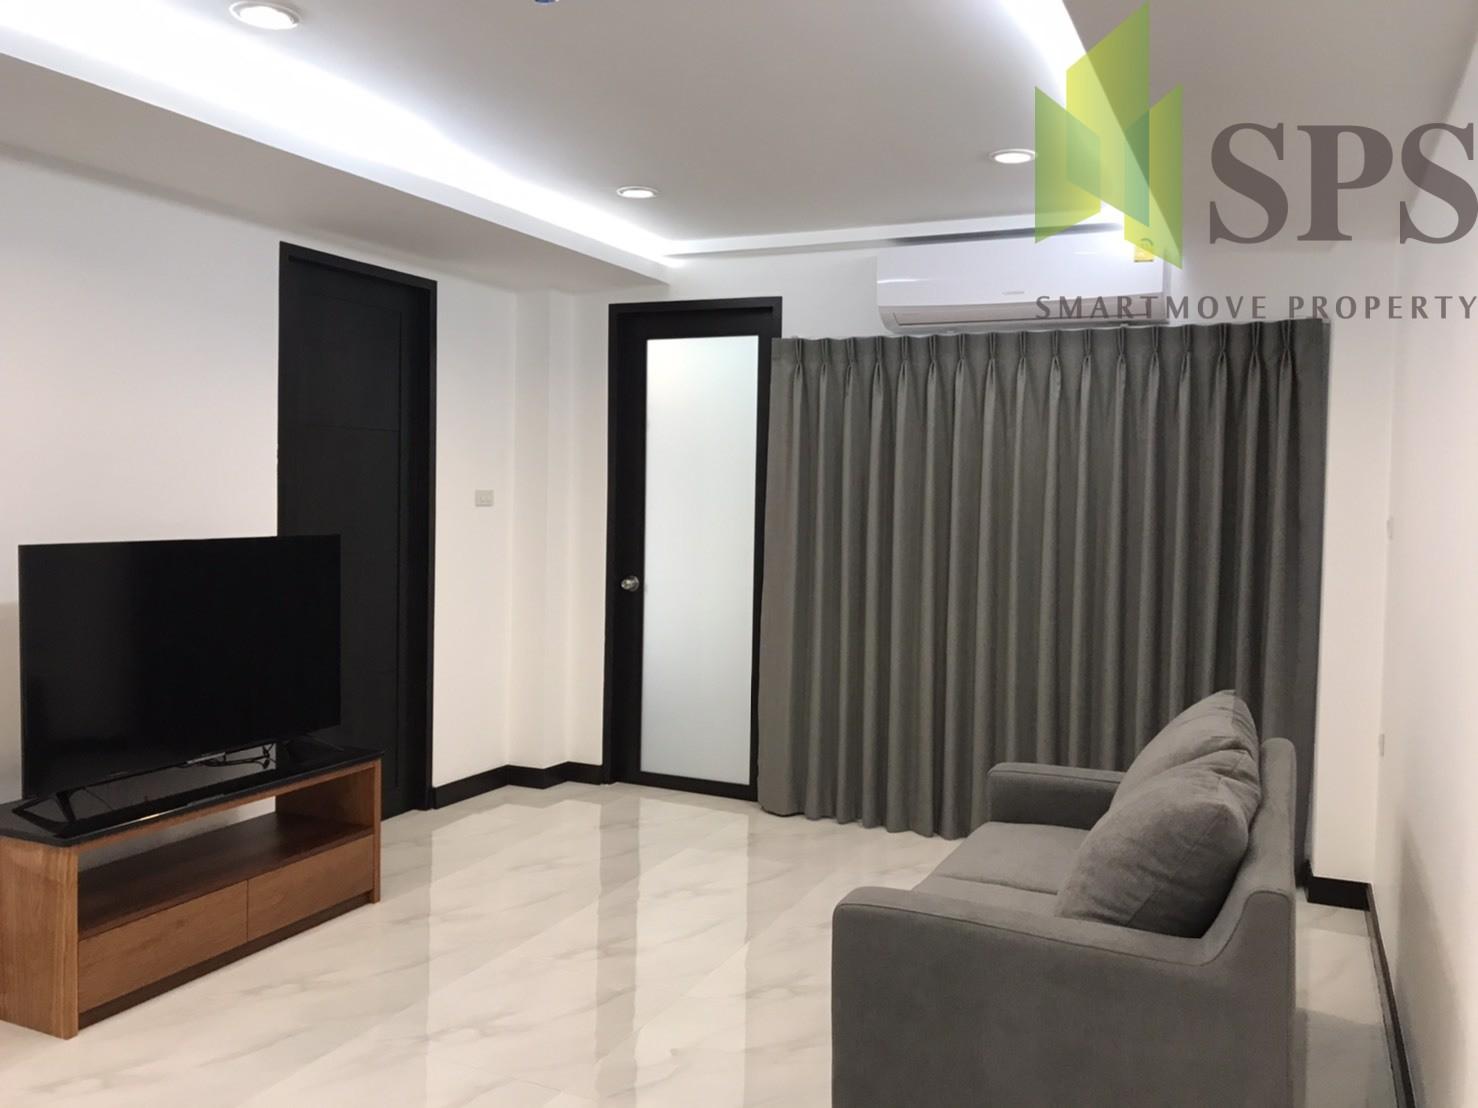 36 D.Well Apartment Sukhimvit 101/1 (SPS-GC599)